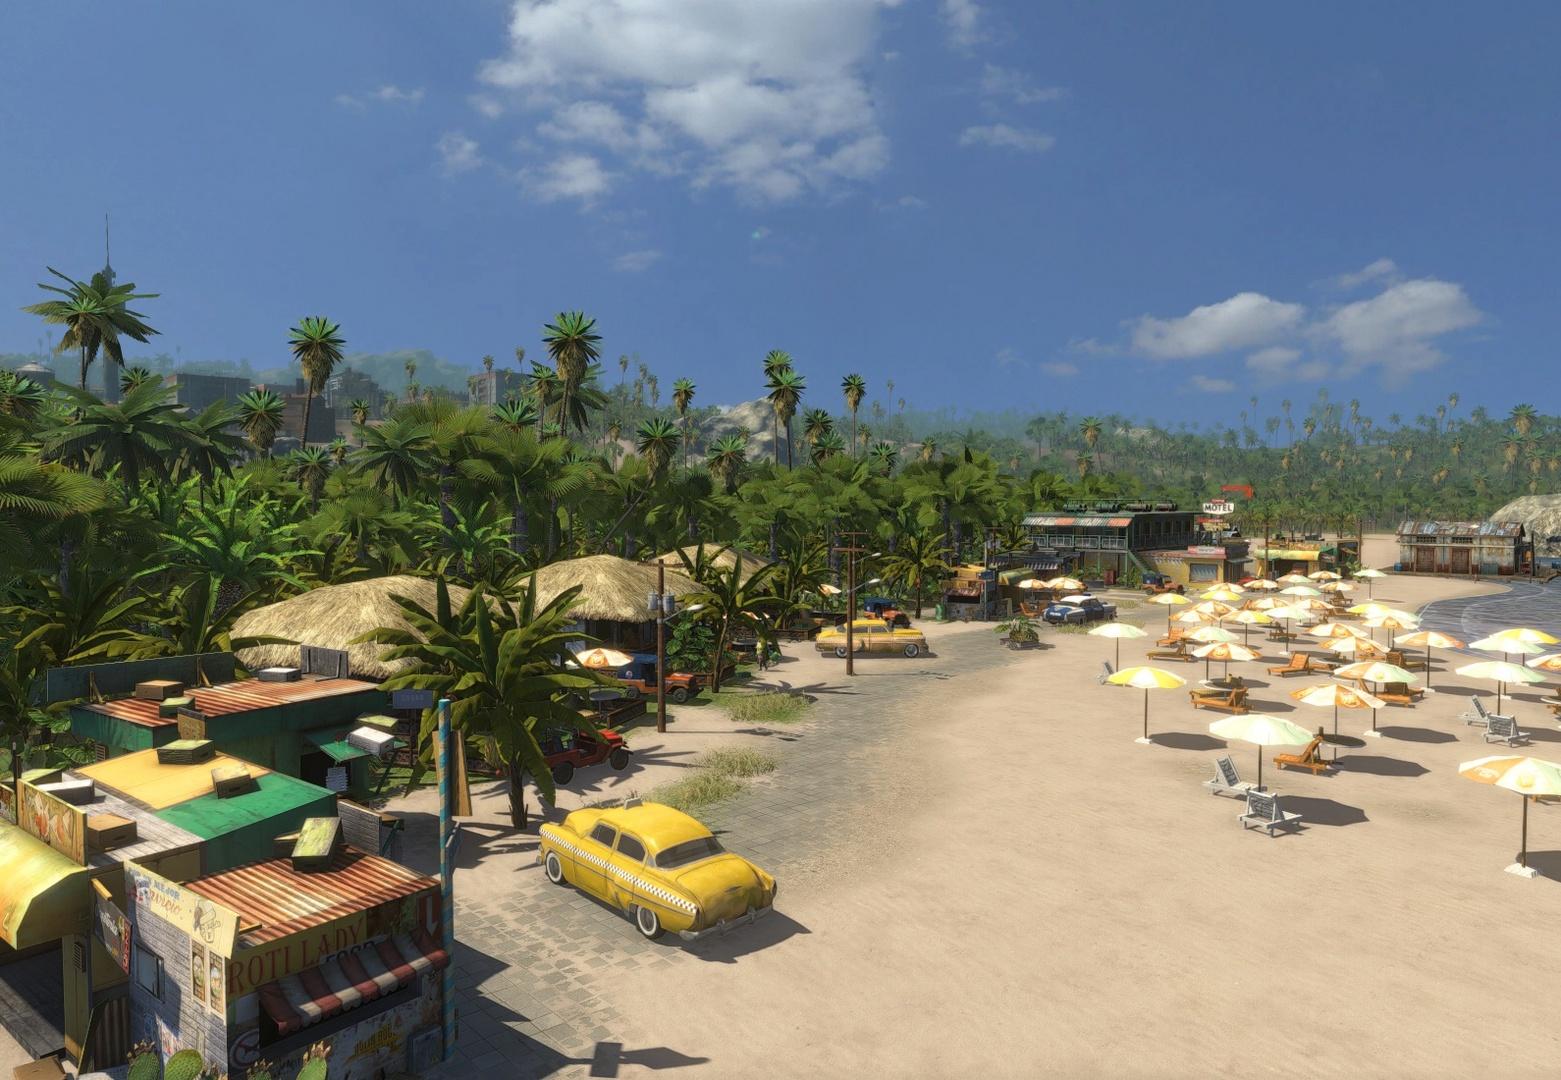 免费获取 Steam 游戏 Tropico 3 海盗大亨 3丨反斗限免